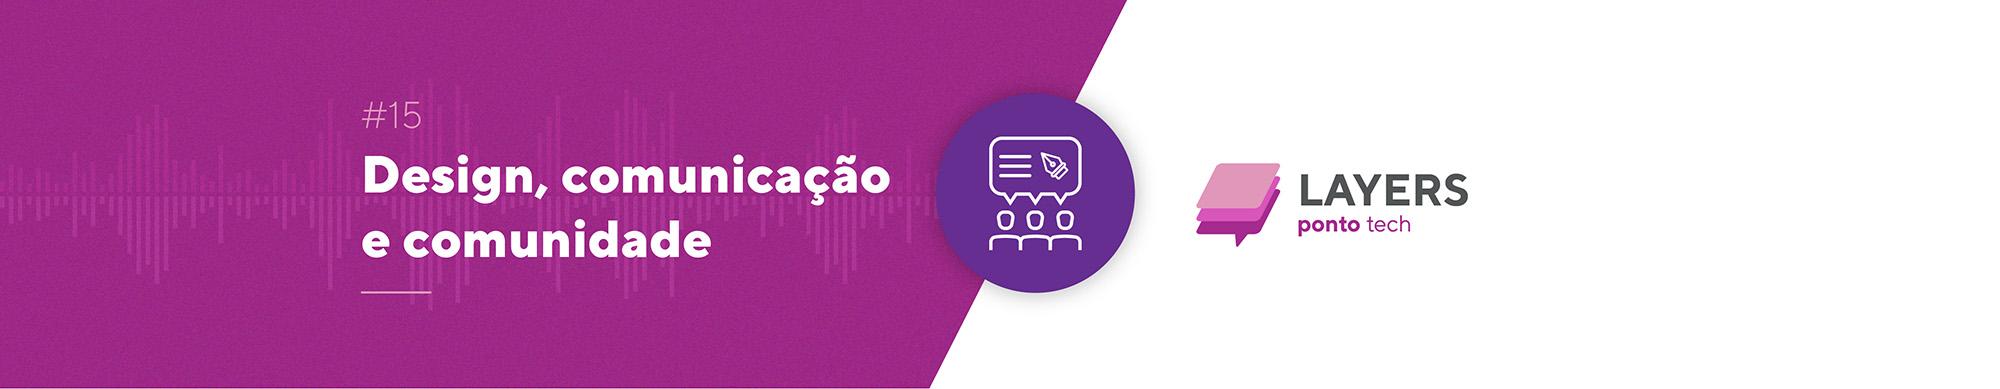 capa_destaque_ep_15_design_comunicacao e comunidade